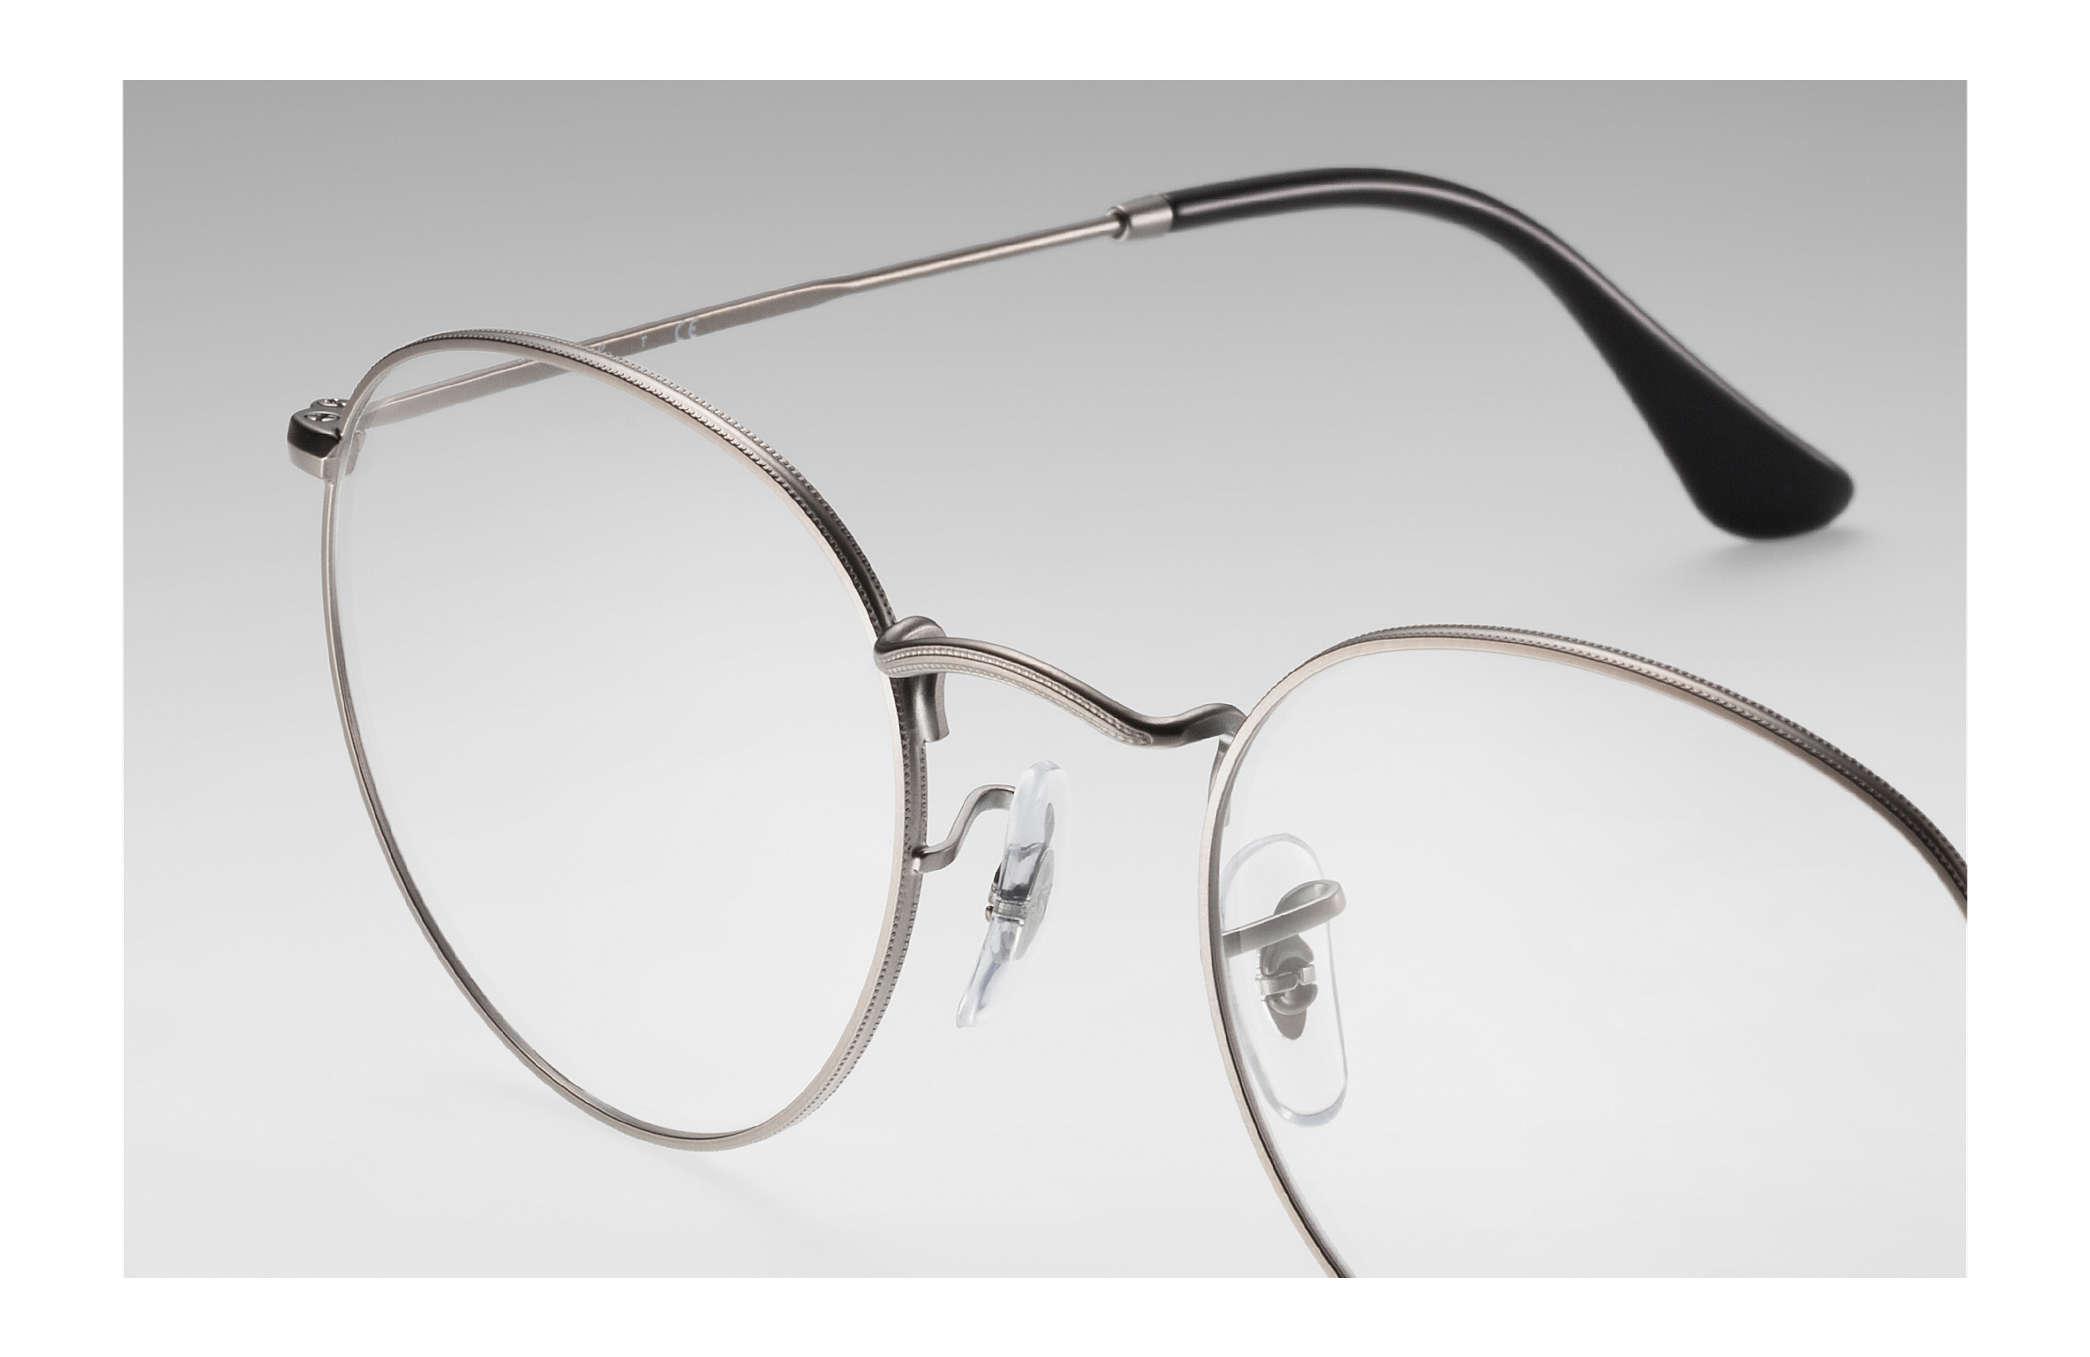 1a1afe4bec Ray-Ban eyeglasses Round Metal Optics RB3447V Gunmetal - Metal ...